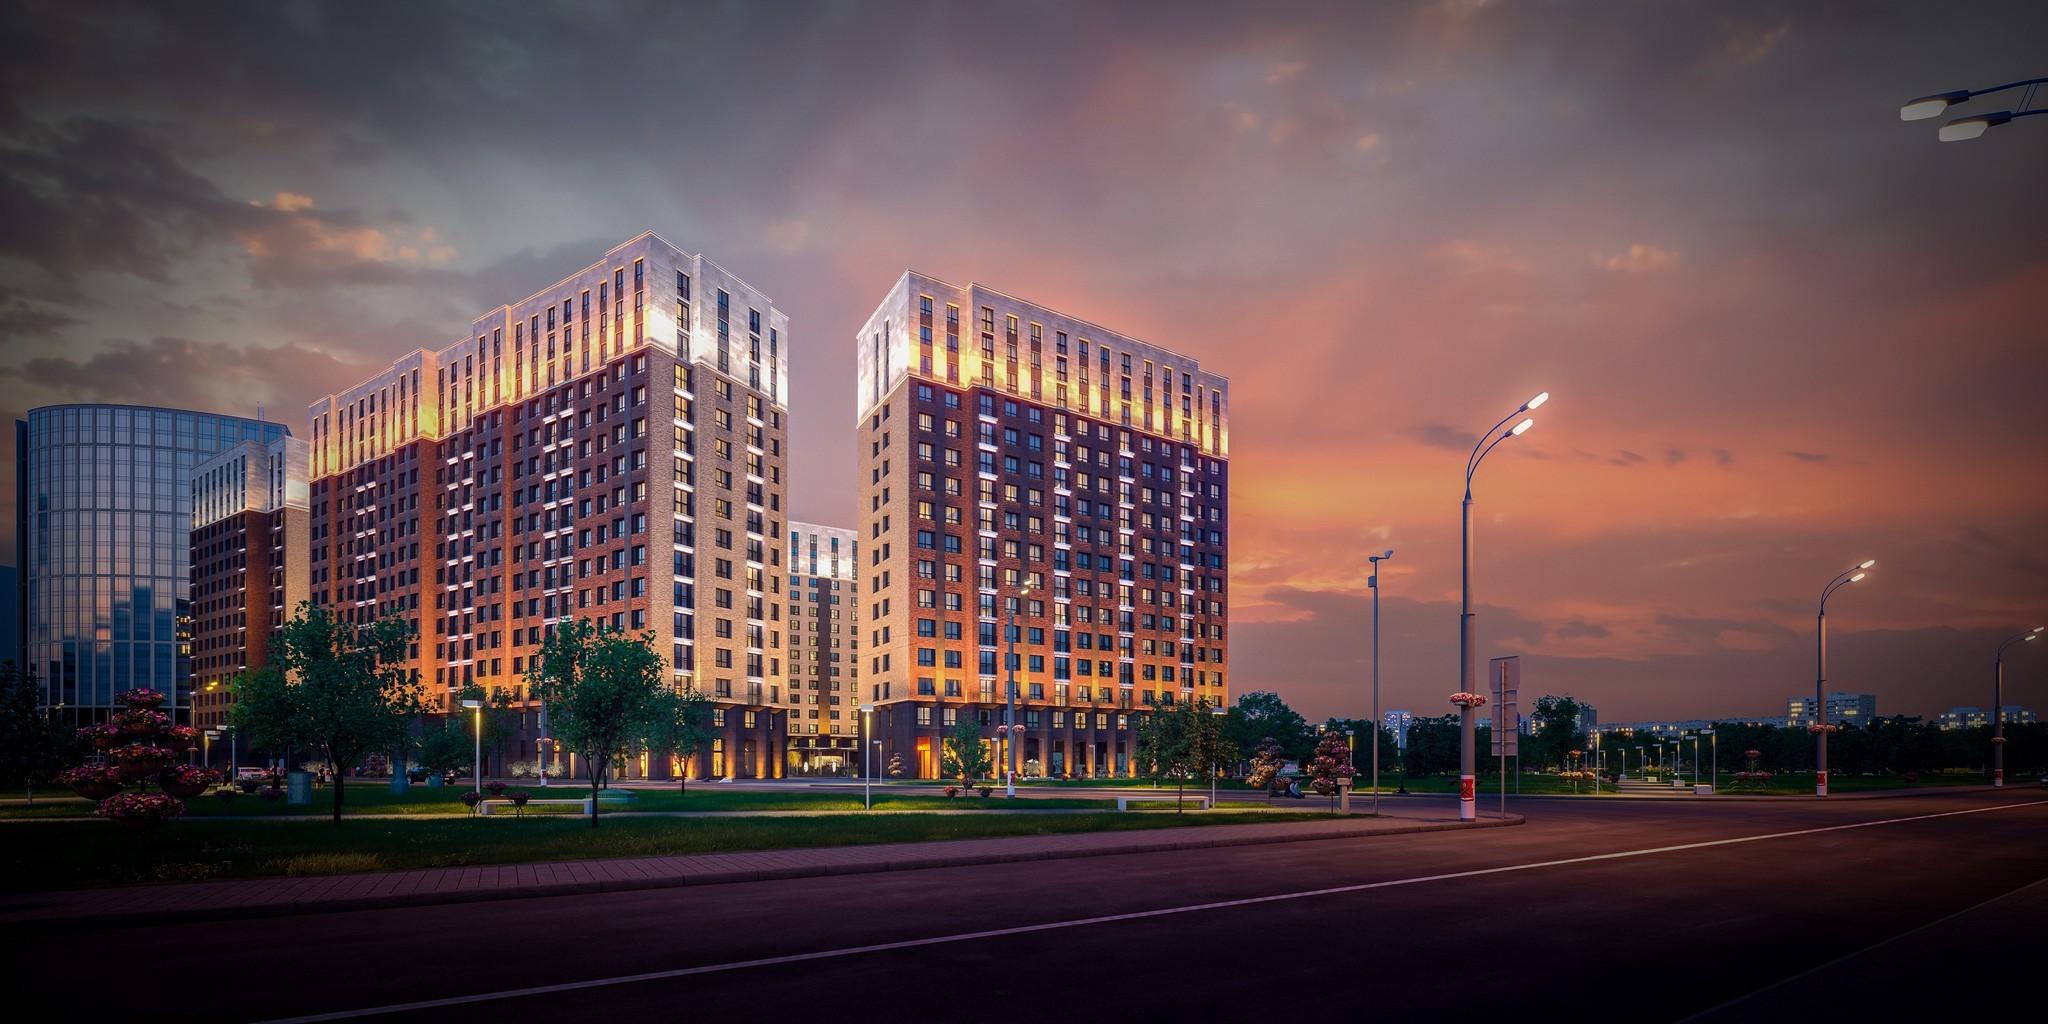 ЖК Only: апартаменты с видом на Москву-реку! - Новости «Азбука Жилья»